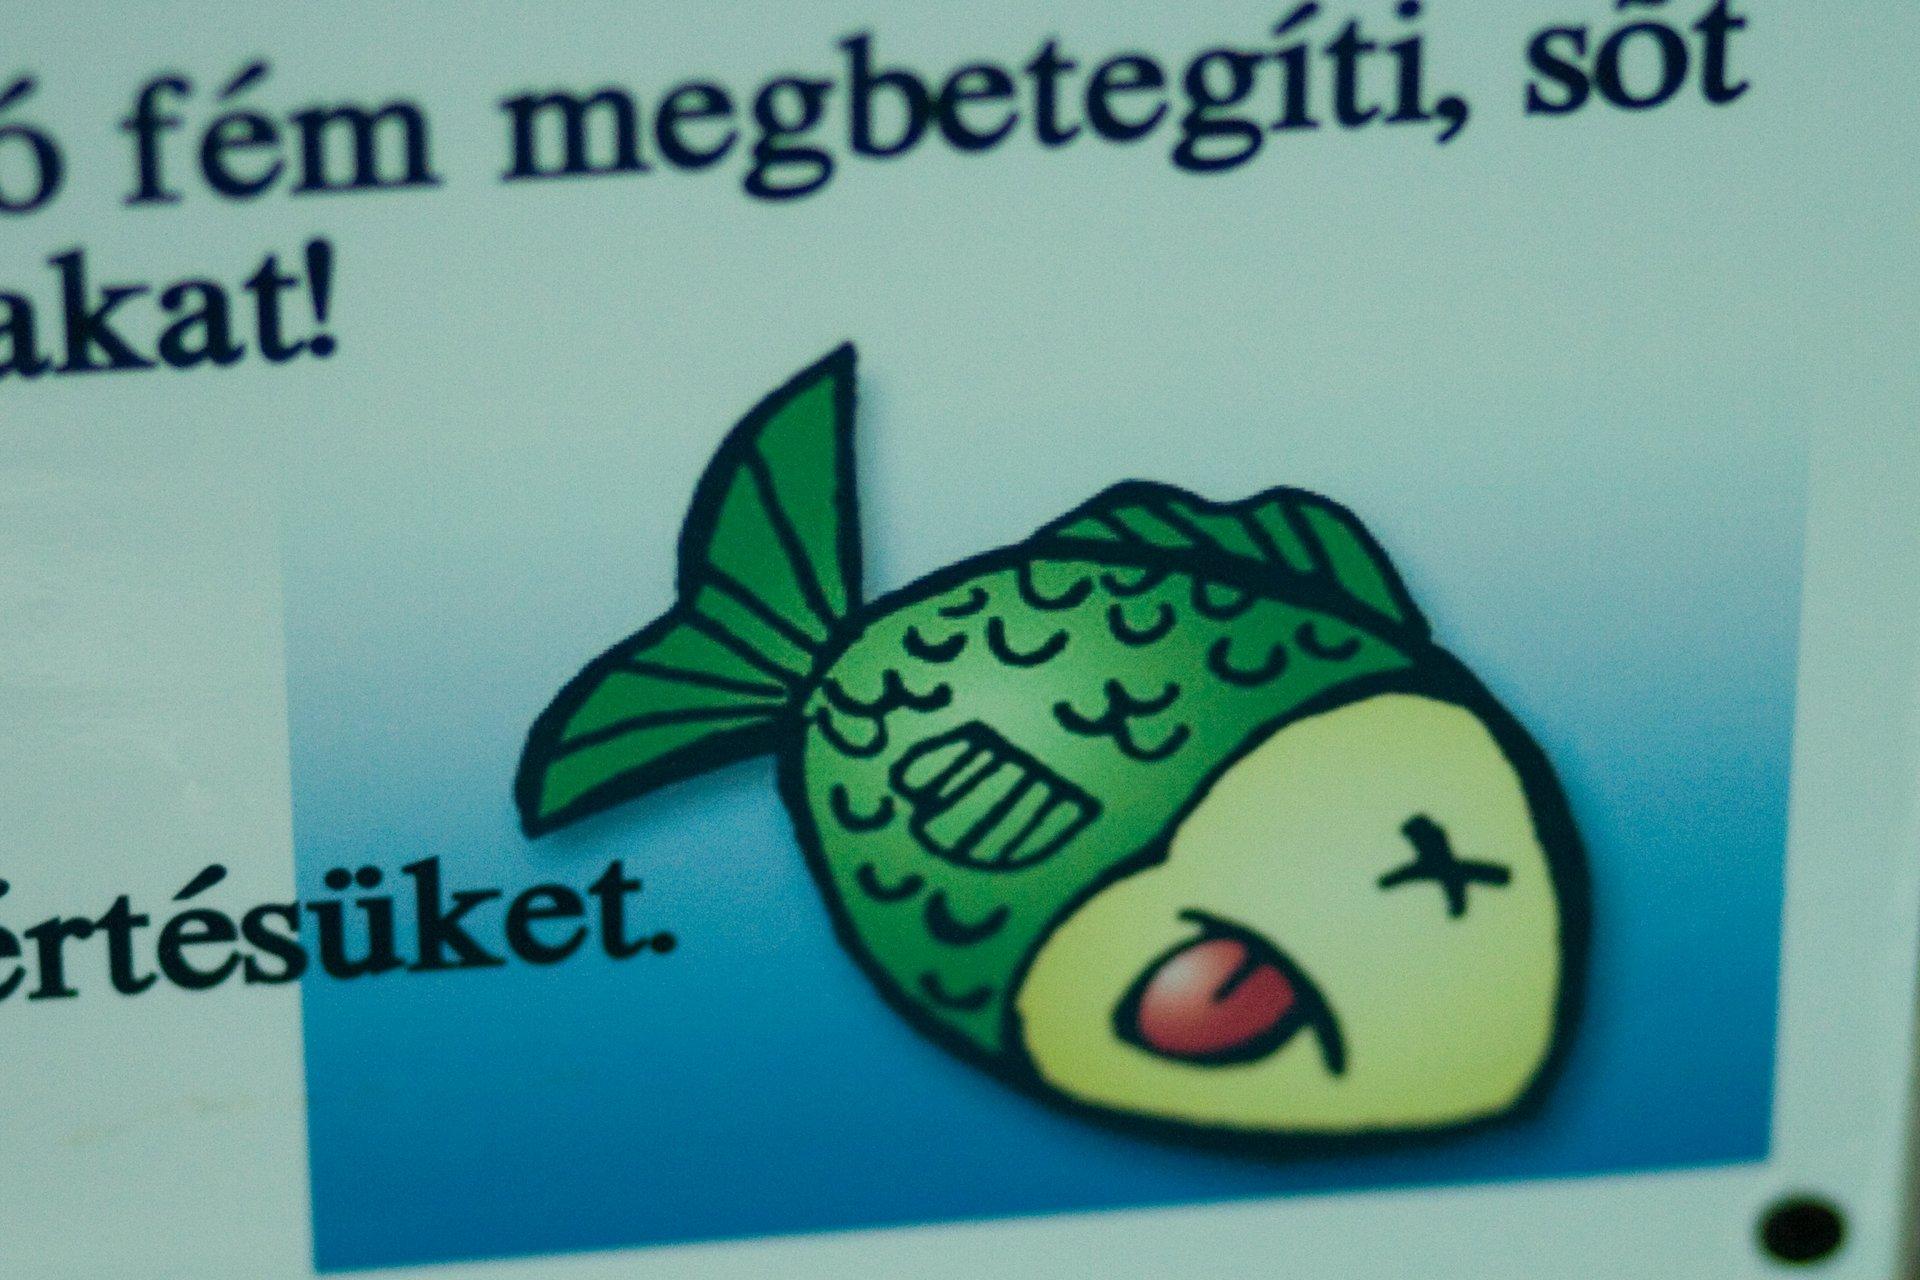 Próbka węgierskiego poczucia humoru